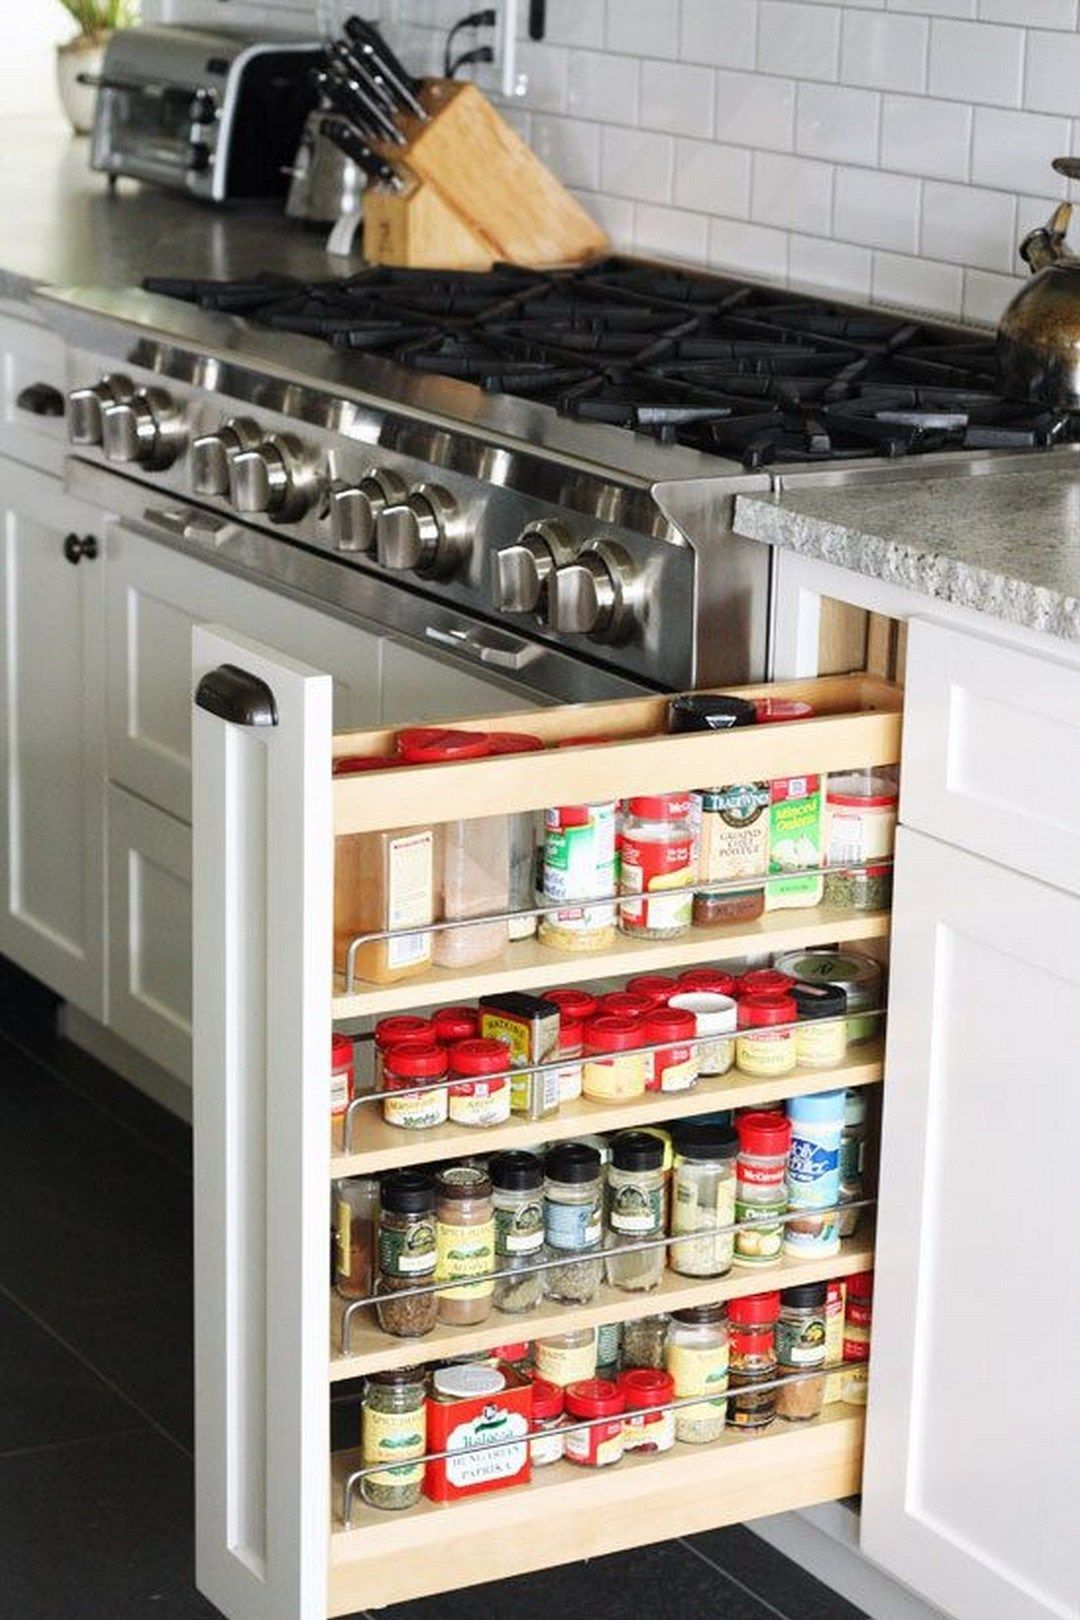 41 Cabinet Storage & Organization Ideas For New Kitchen (8)